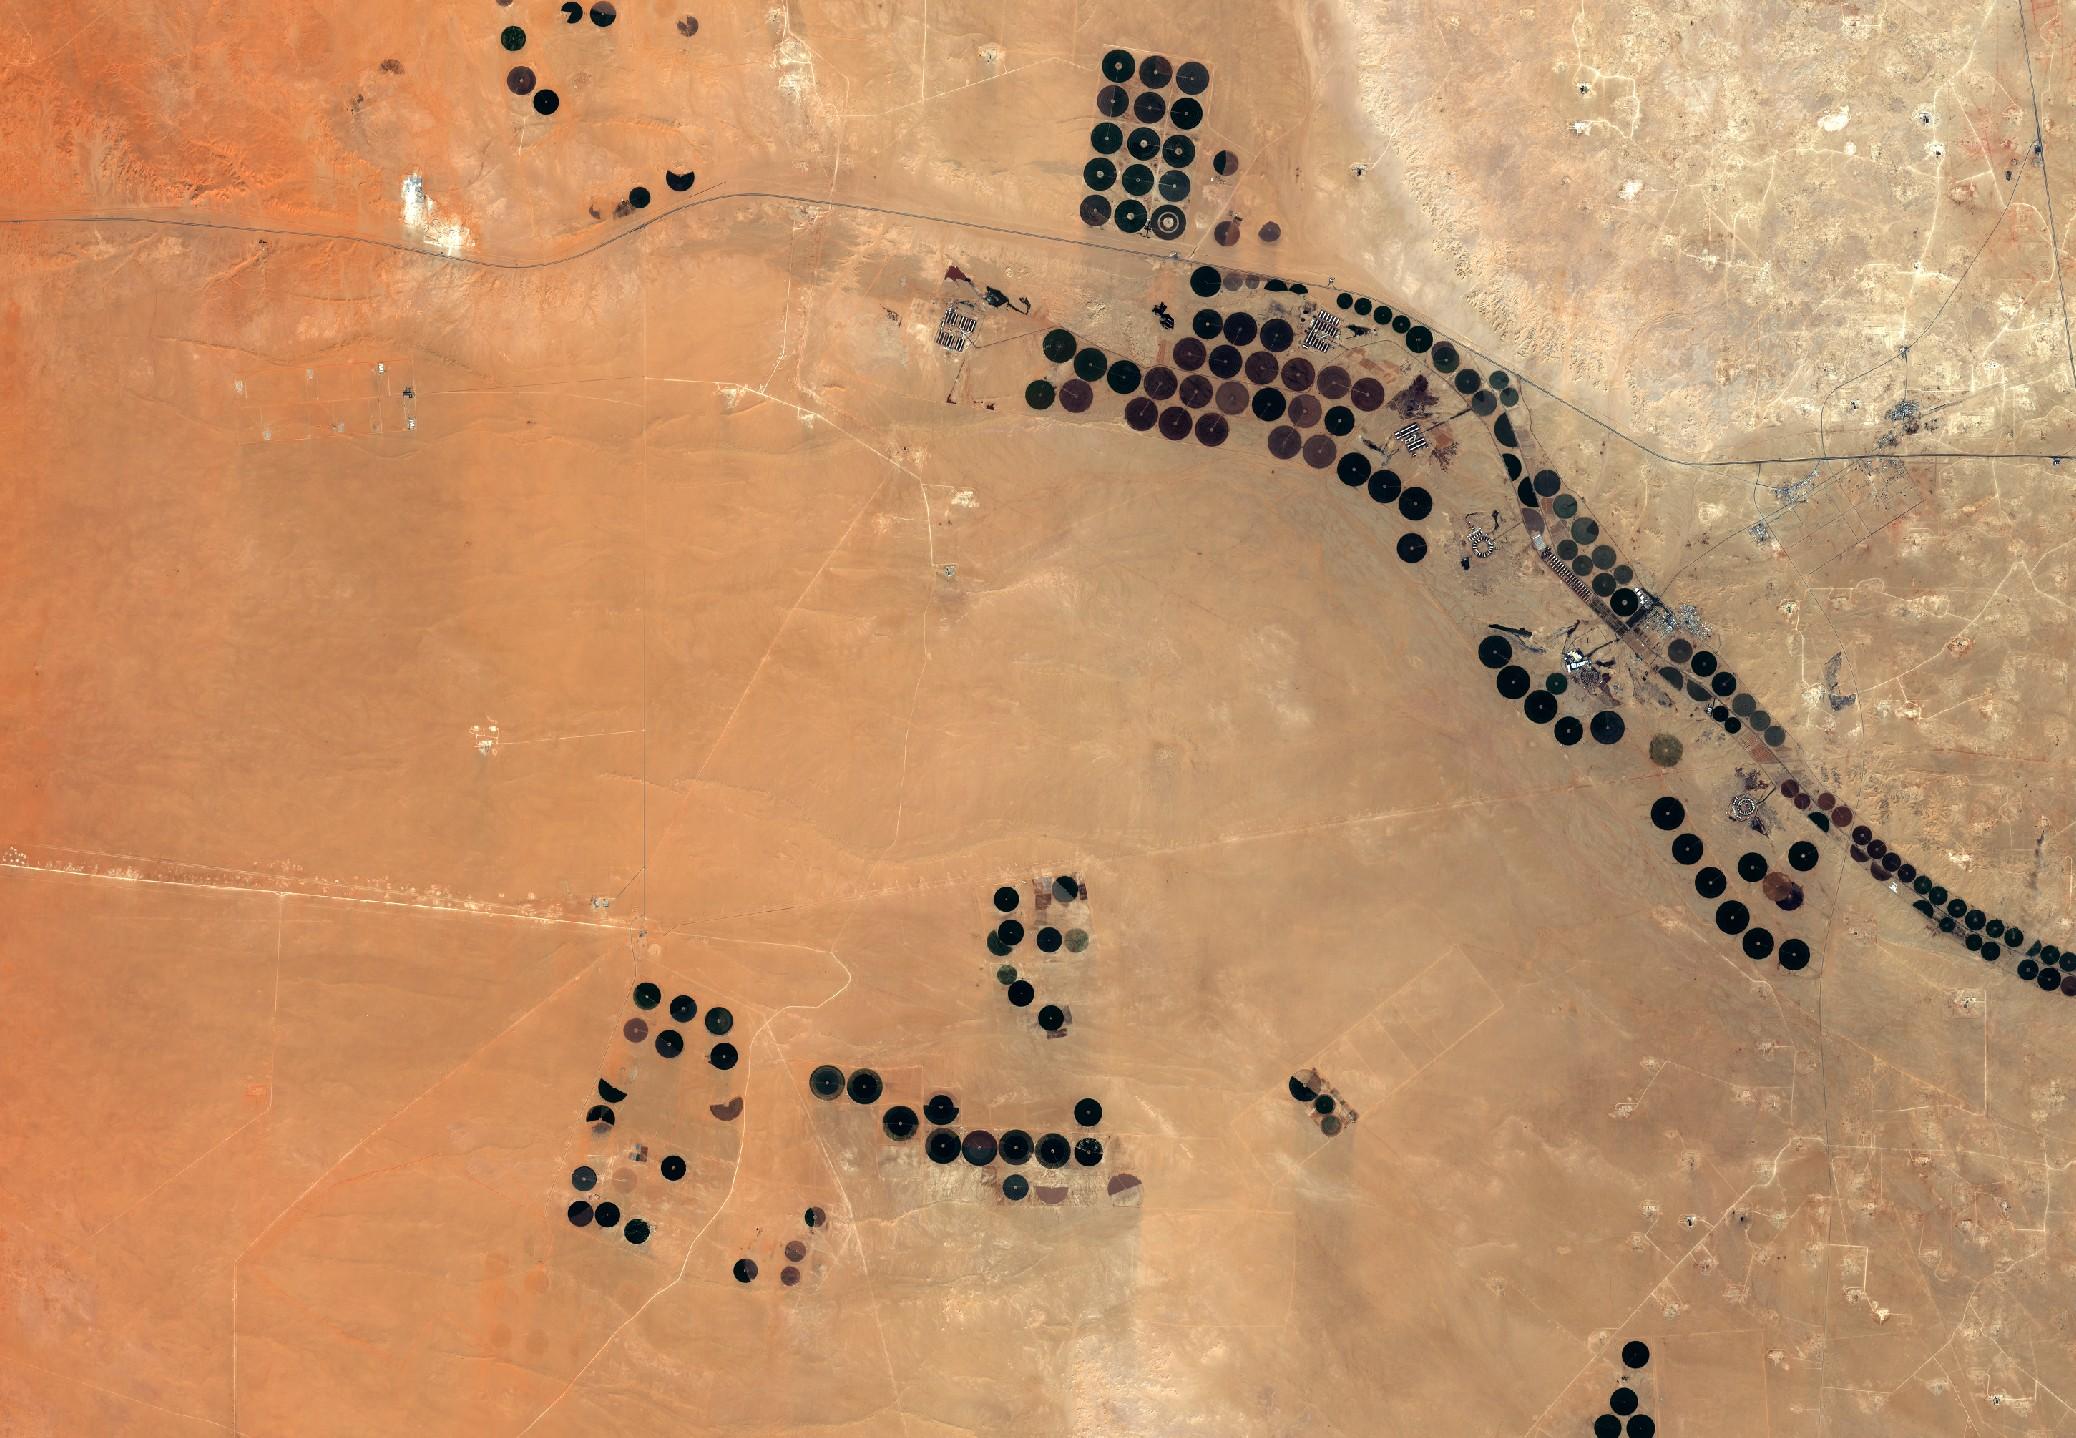 Arabie Saoudite - Agriculture - irrigation - désert - Sentinel-2A - Décembre 2016 - ESA - Copernicus - Commission européenne